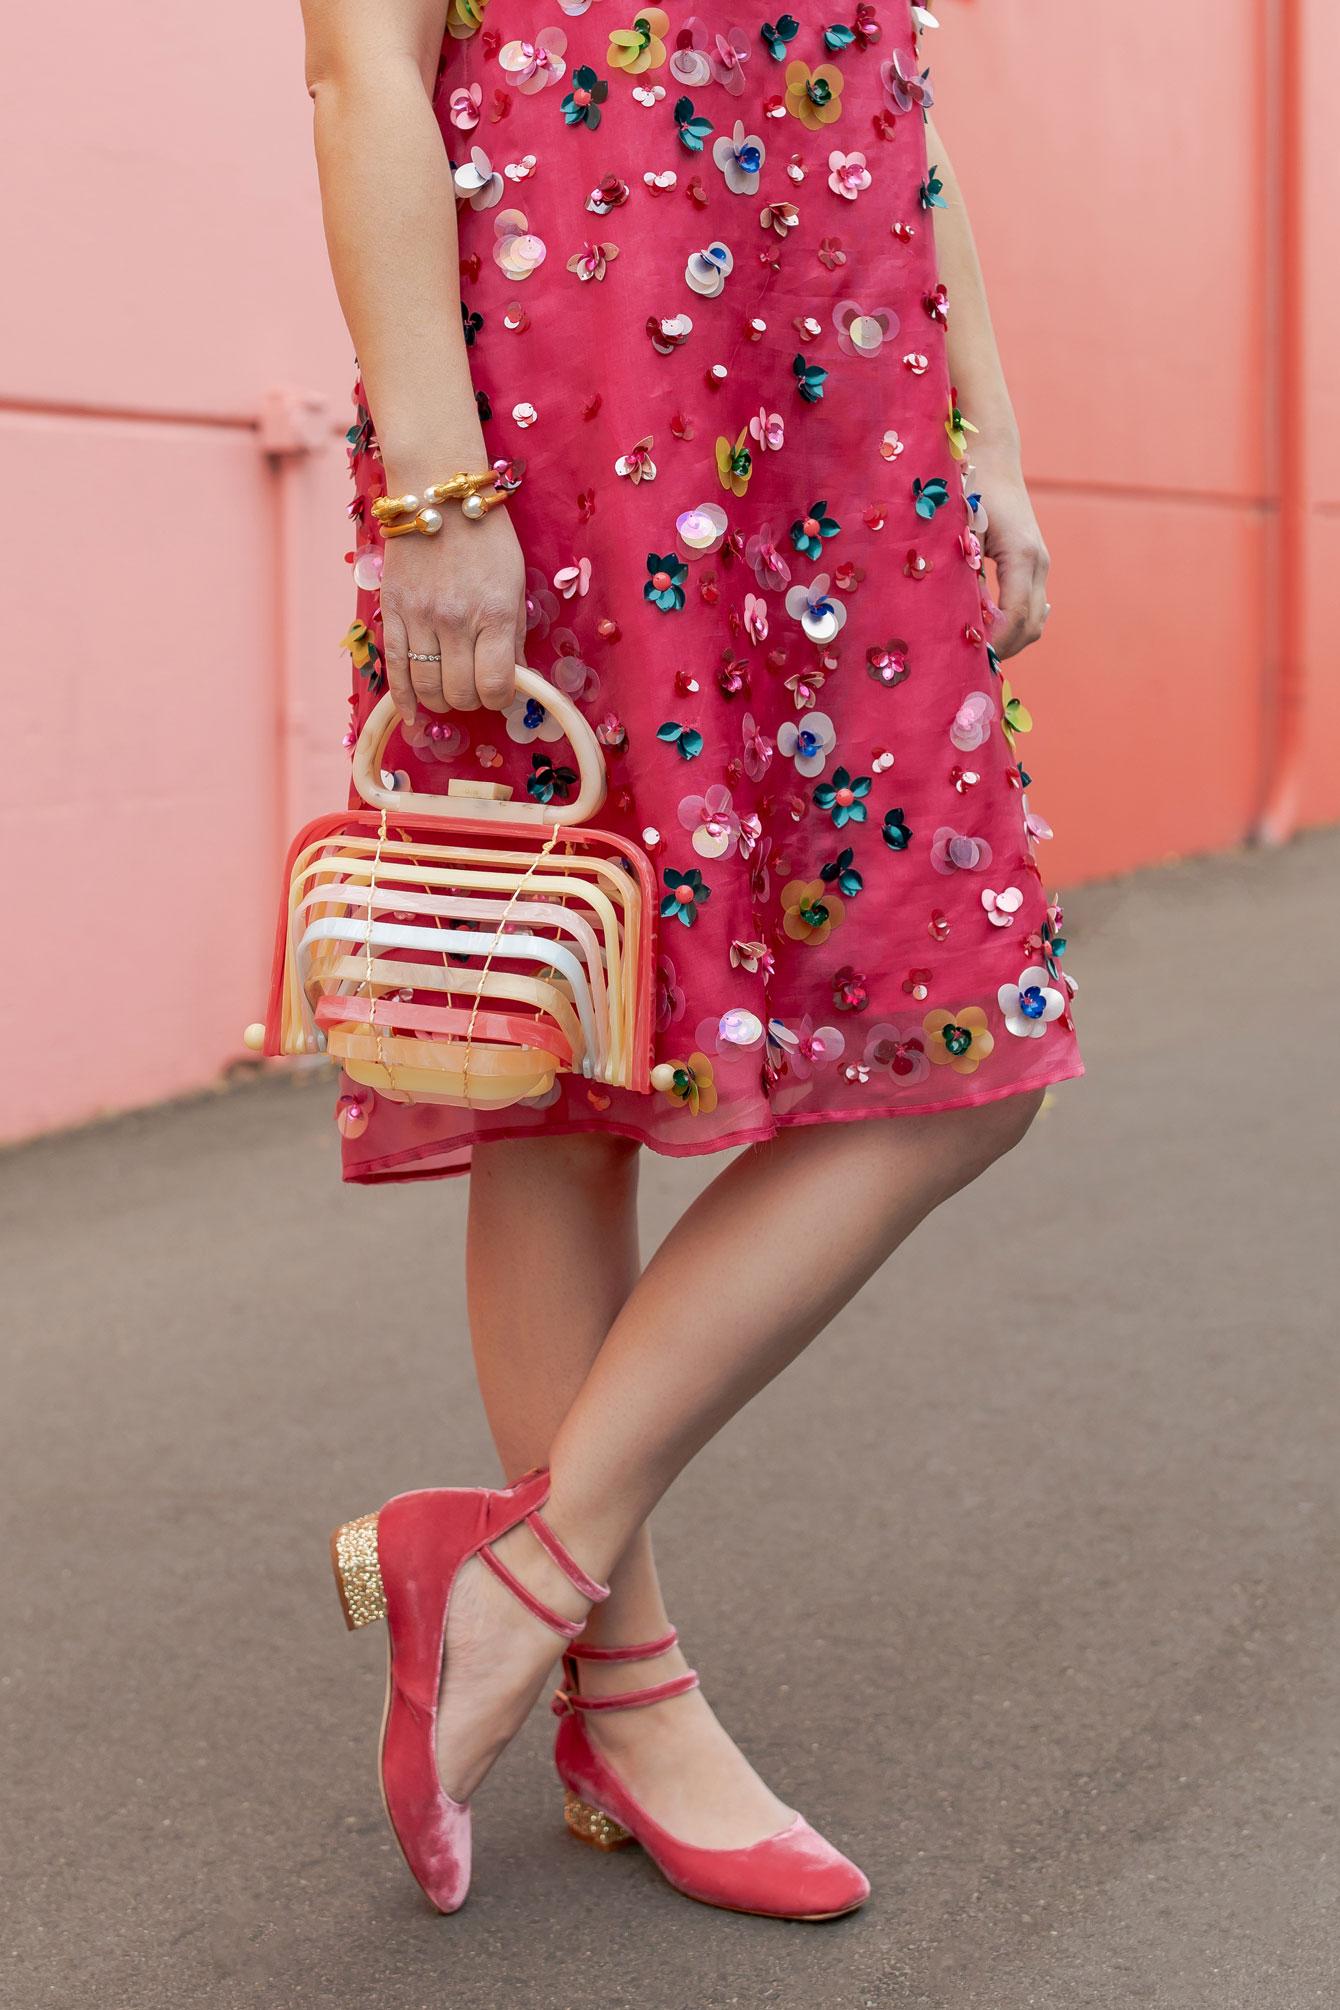 Kate Spade Pink Velvet Heels